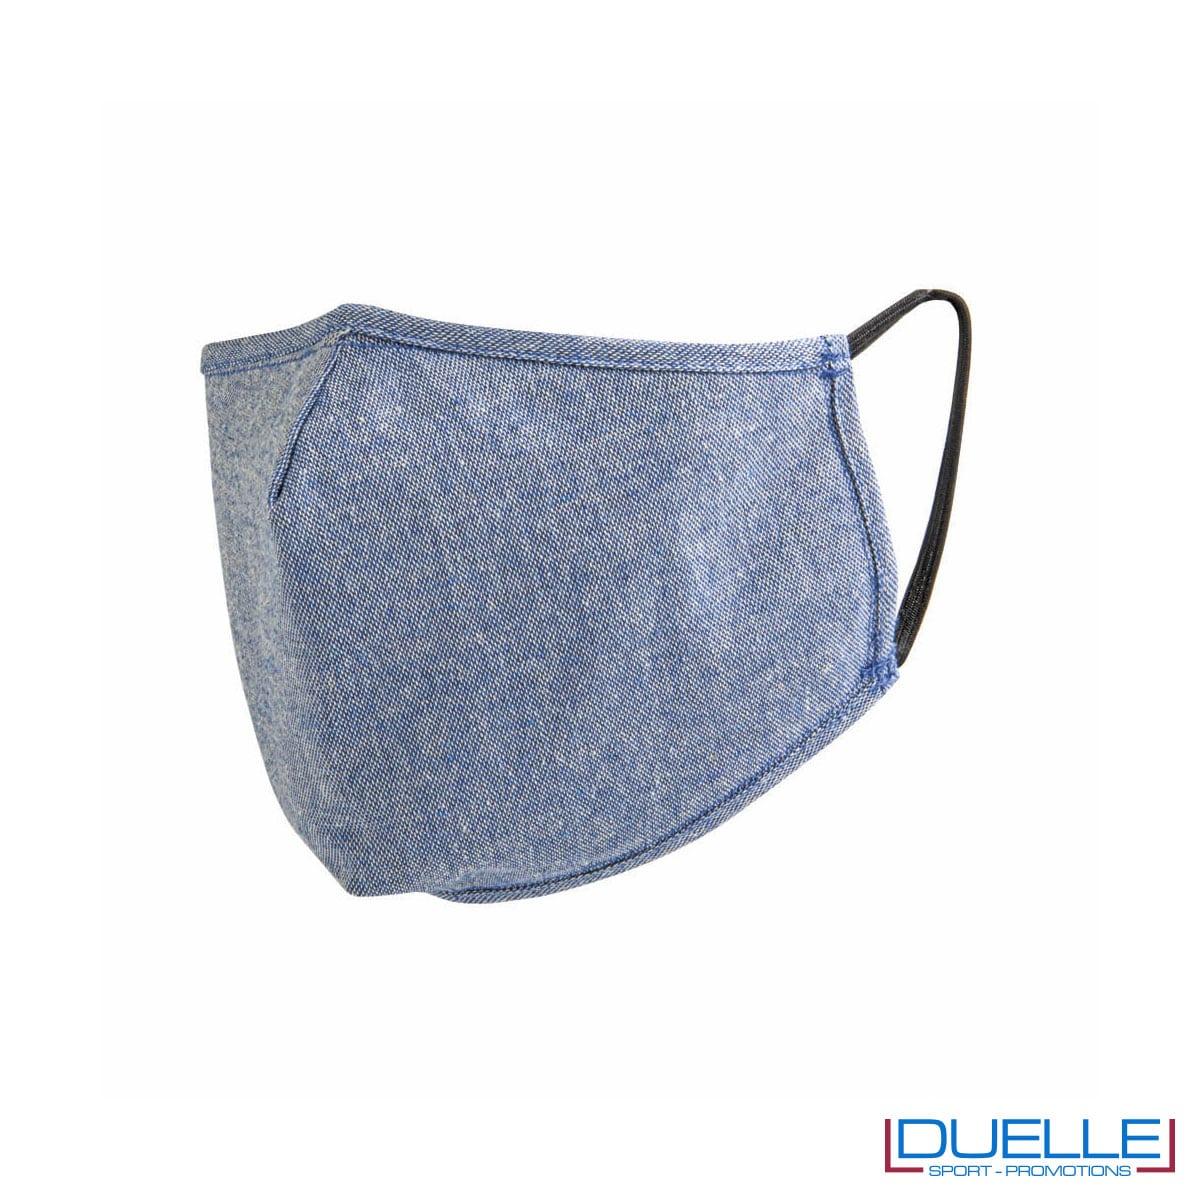 Mascherina protettiva triplo strato lavabile in cotone riciclato colore blu